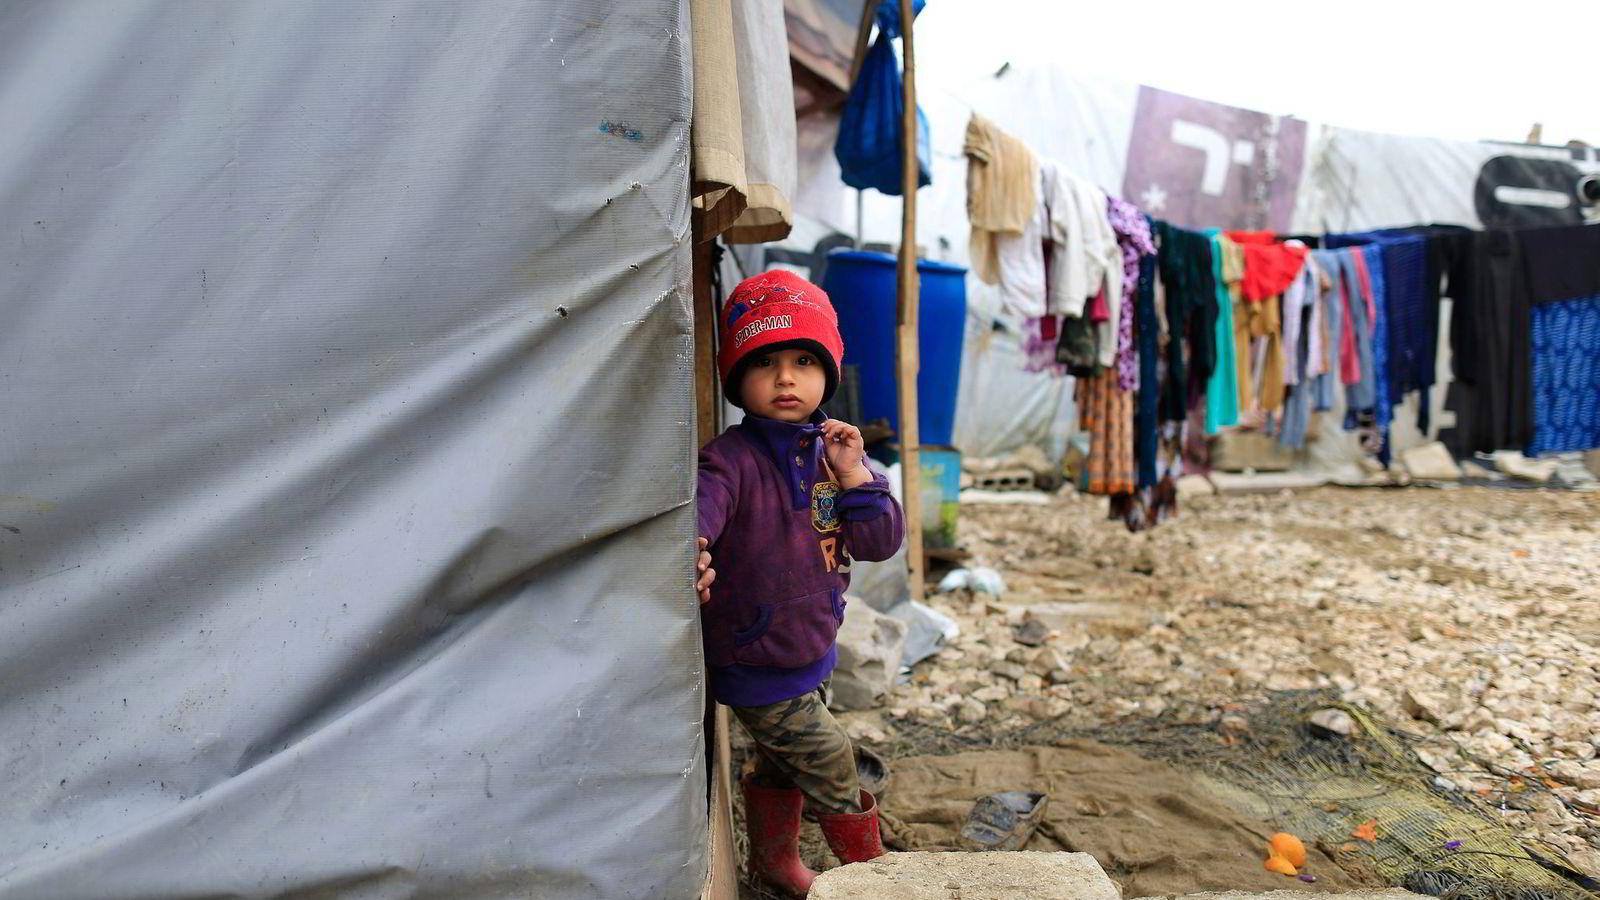 Libanon opplever at kapasiteten for å ta imot syriske flyktninger er sprengt. Her en liten gutt utenfor familiens telt i en flyktningleir øst i Libanon. Foto: Hassan Ammar, AP/NTB Scanpix